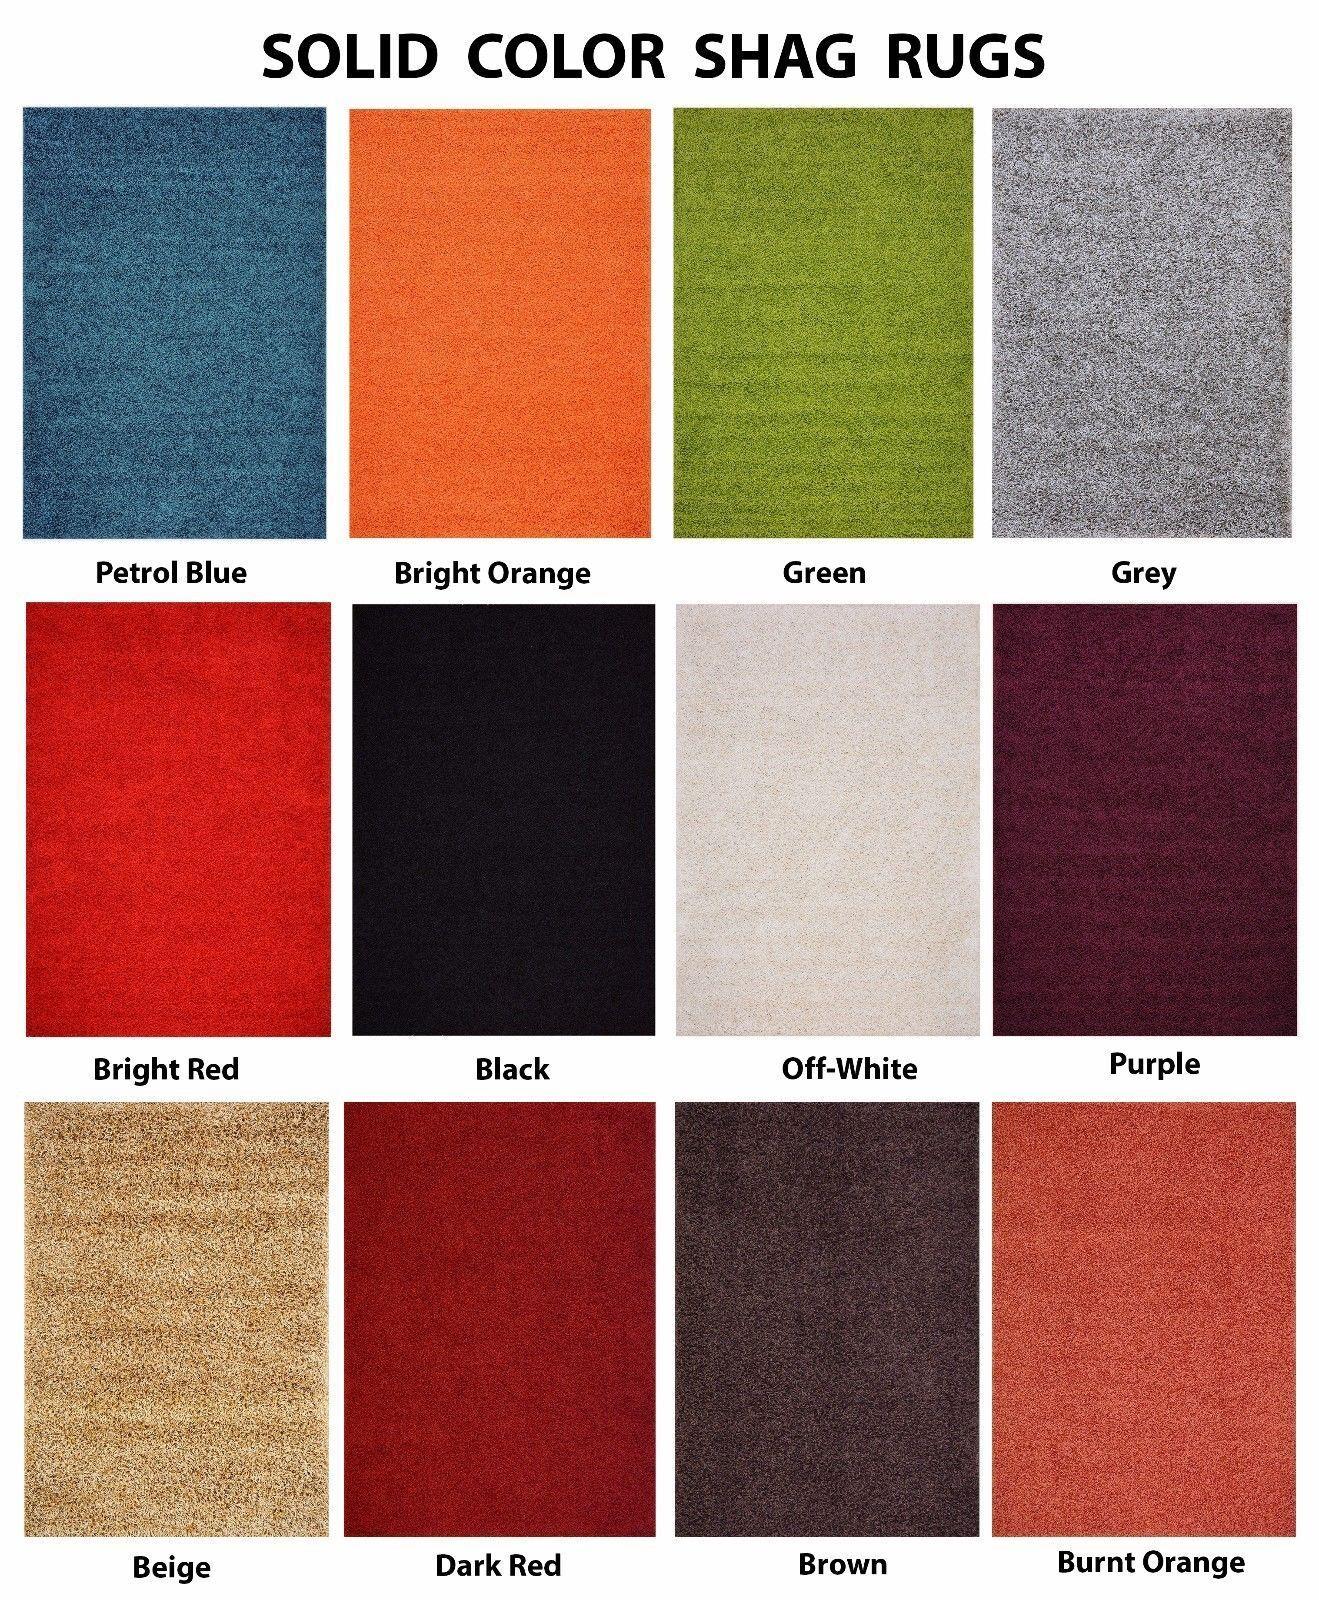 PREMIUM Solid Color Shag Area Rug Red Orange Grey Brown Gree